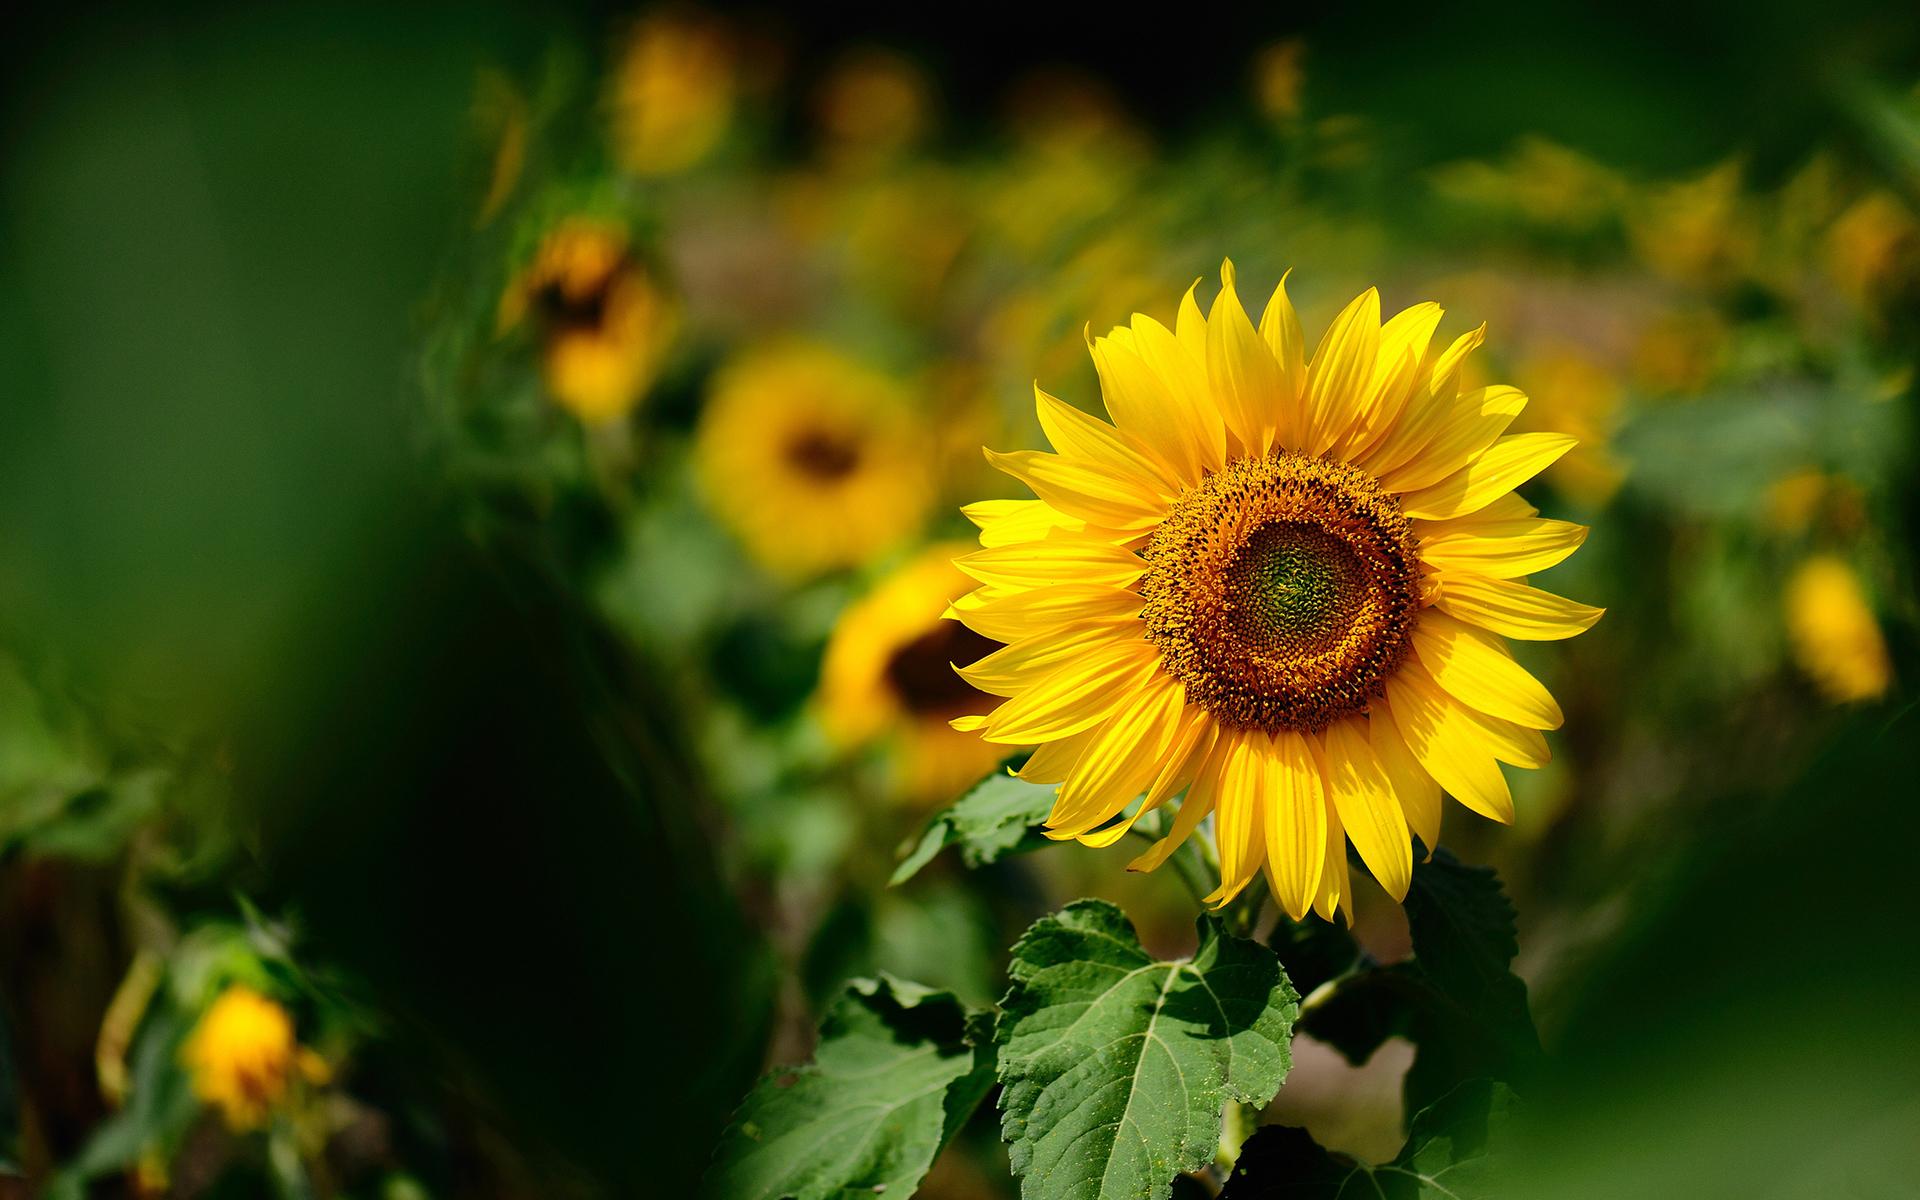 34545 скачать обои Растения, Цветы, Подсолнухи - заставки и картинки бесплатно